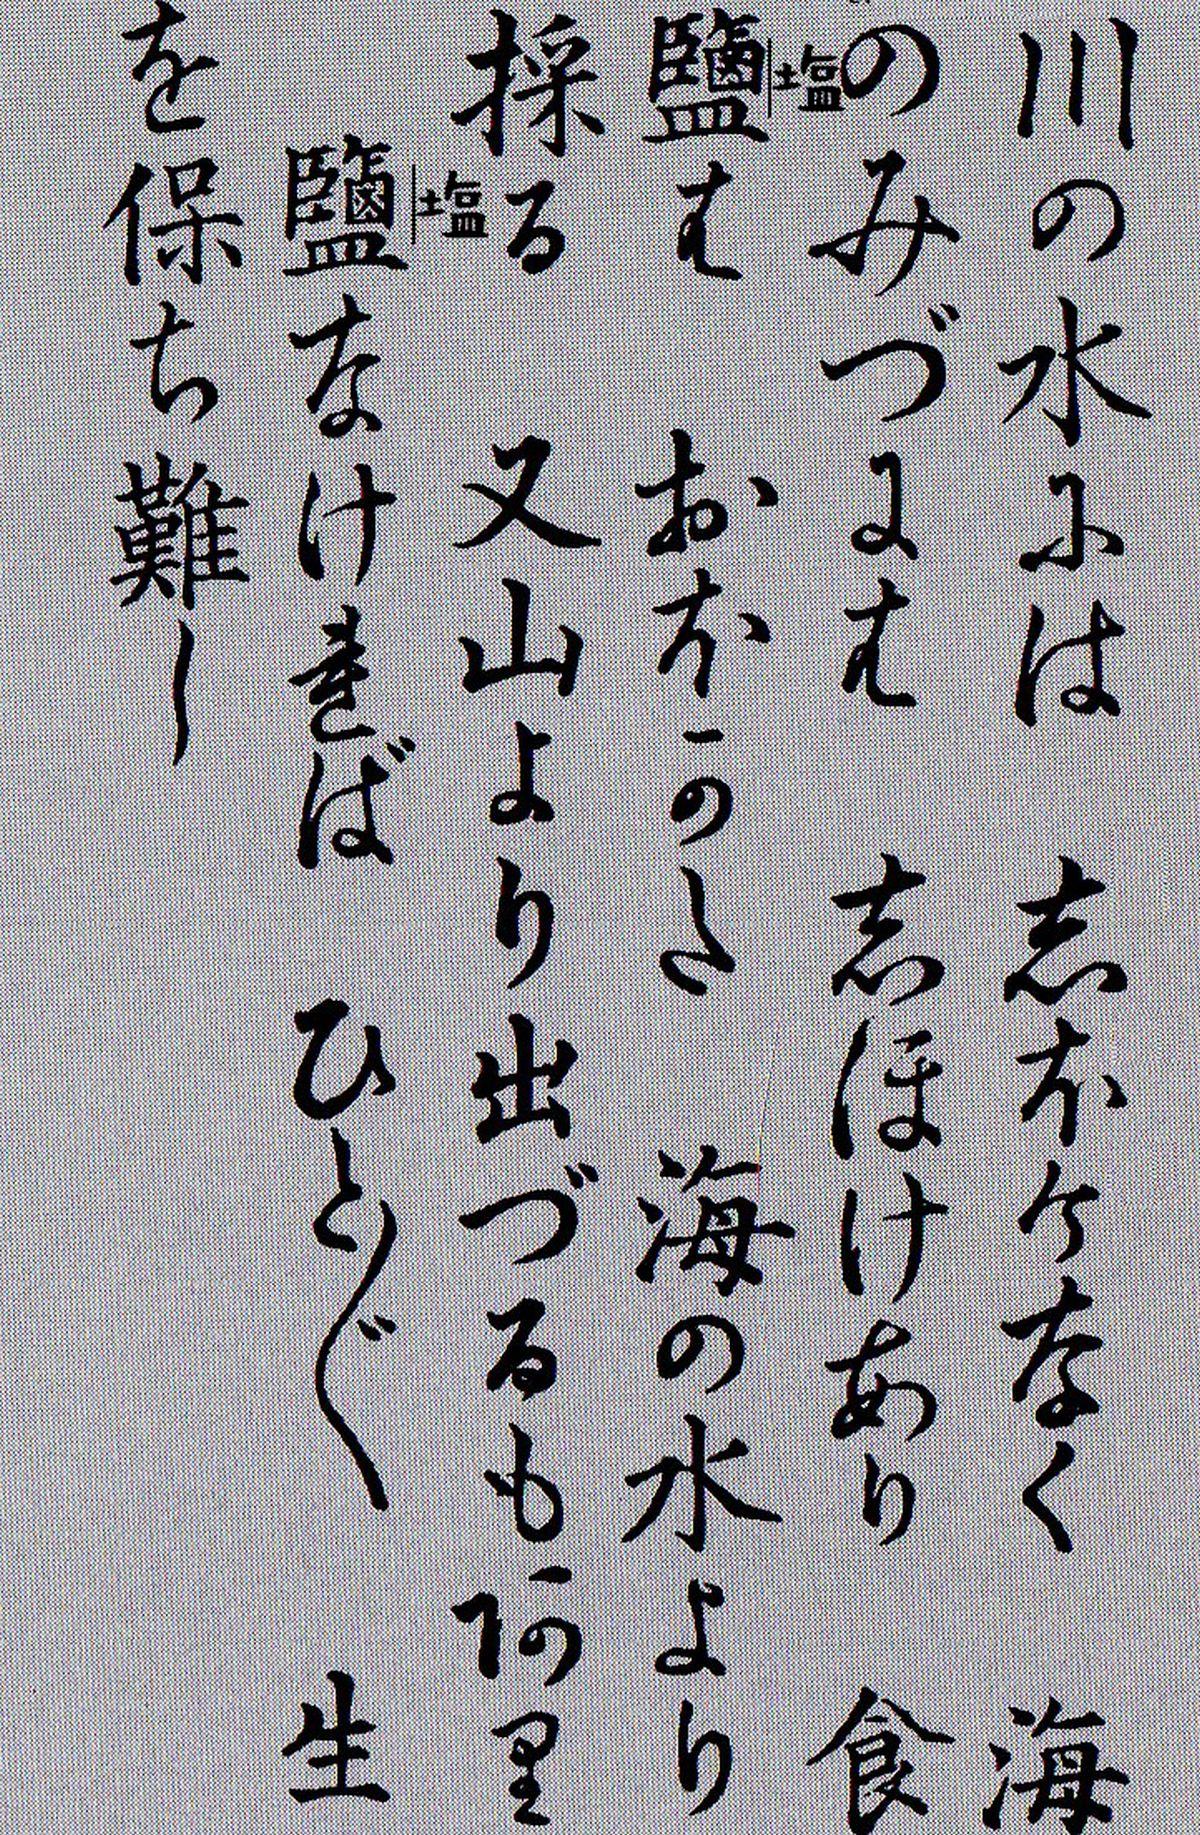 かな文字の例 小学読本初等科より01